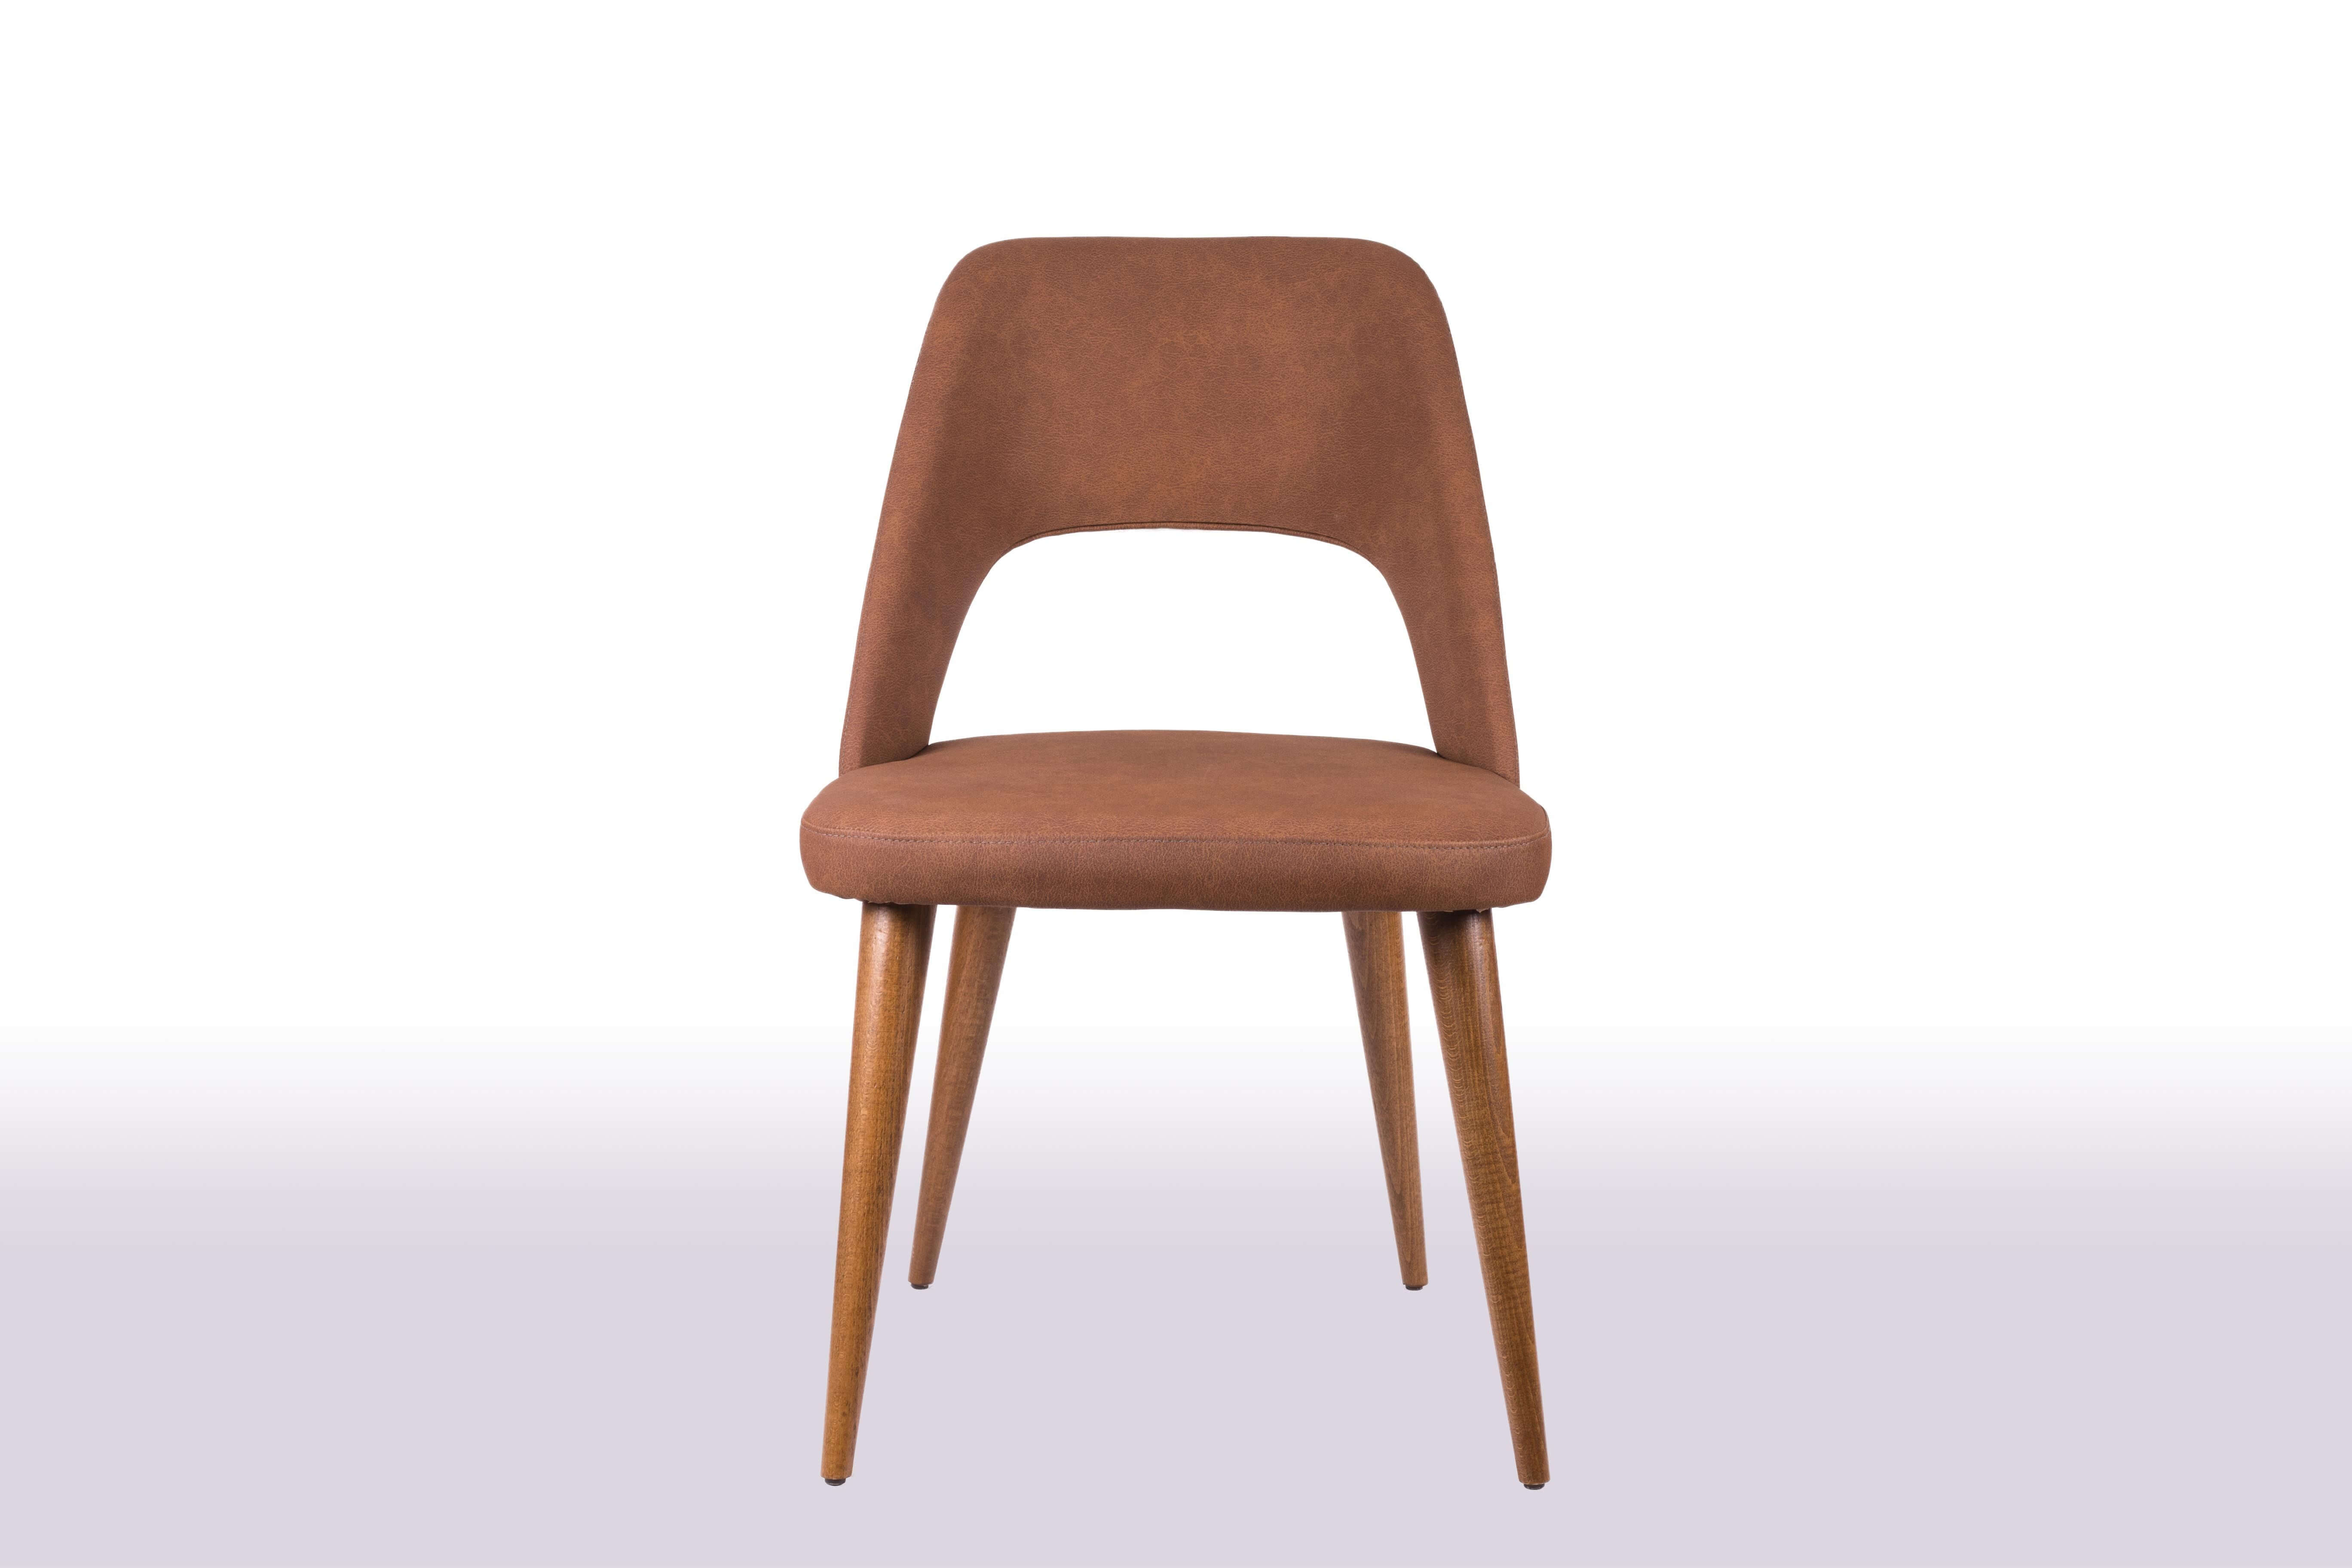 Maya Sandalye Modeli Ön Görünüm